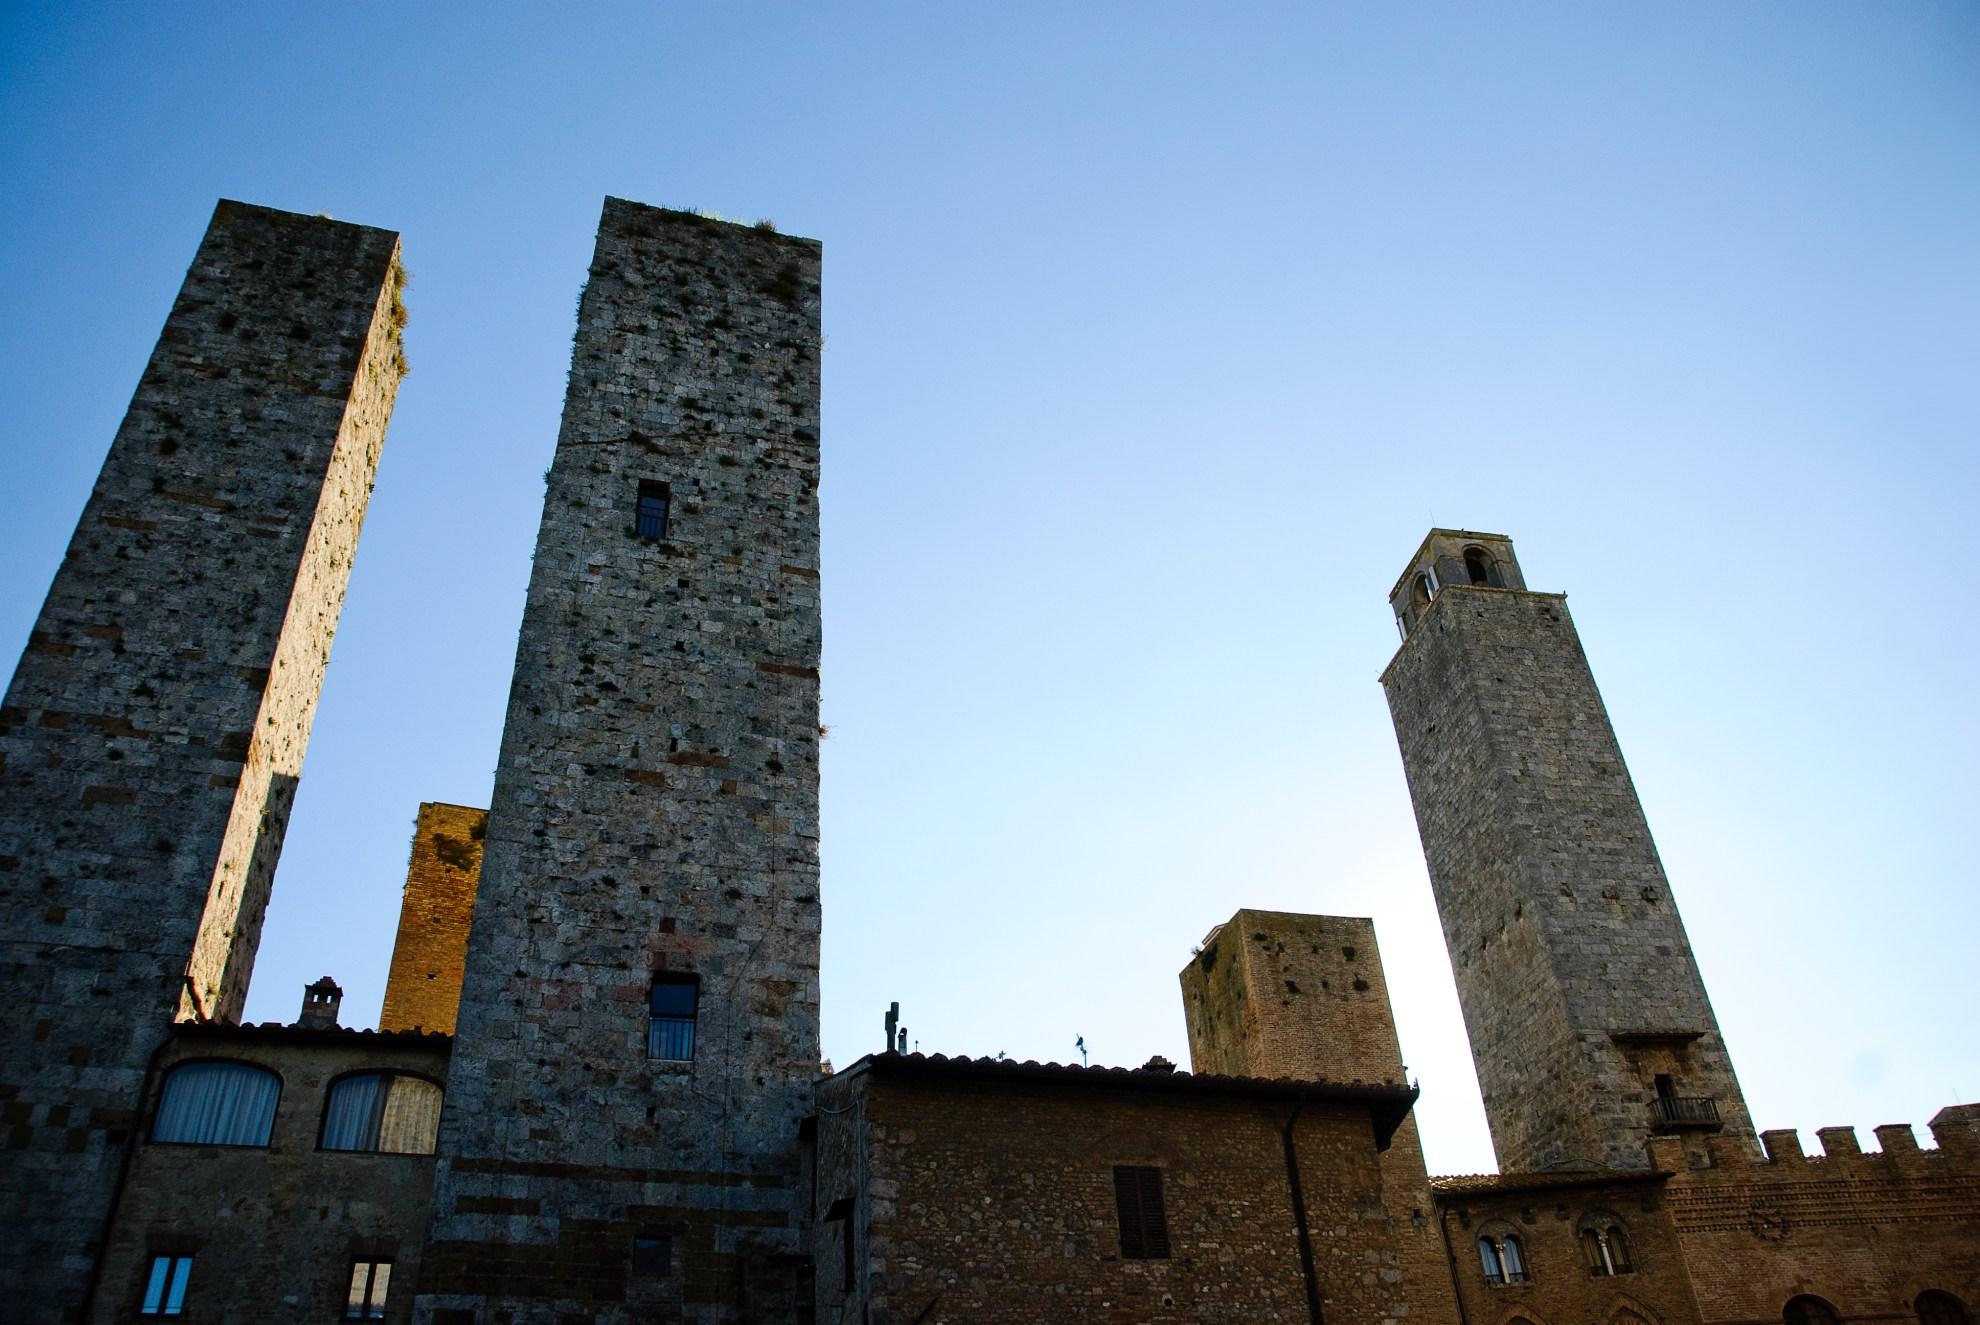 Wieże w San Gimignano